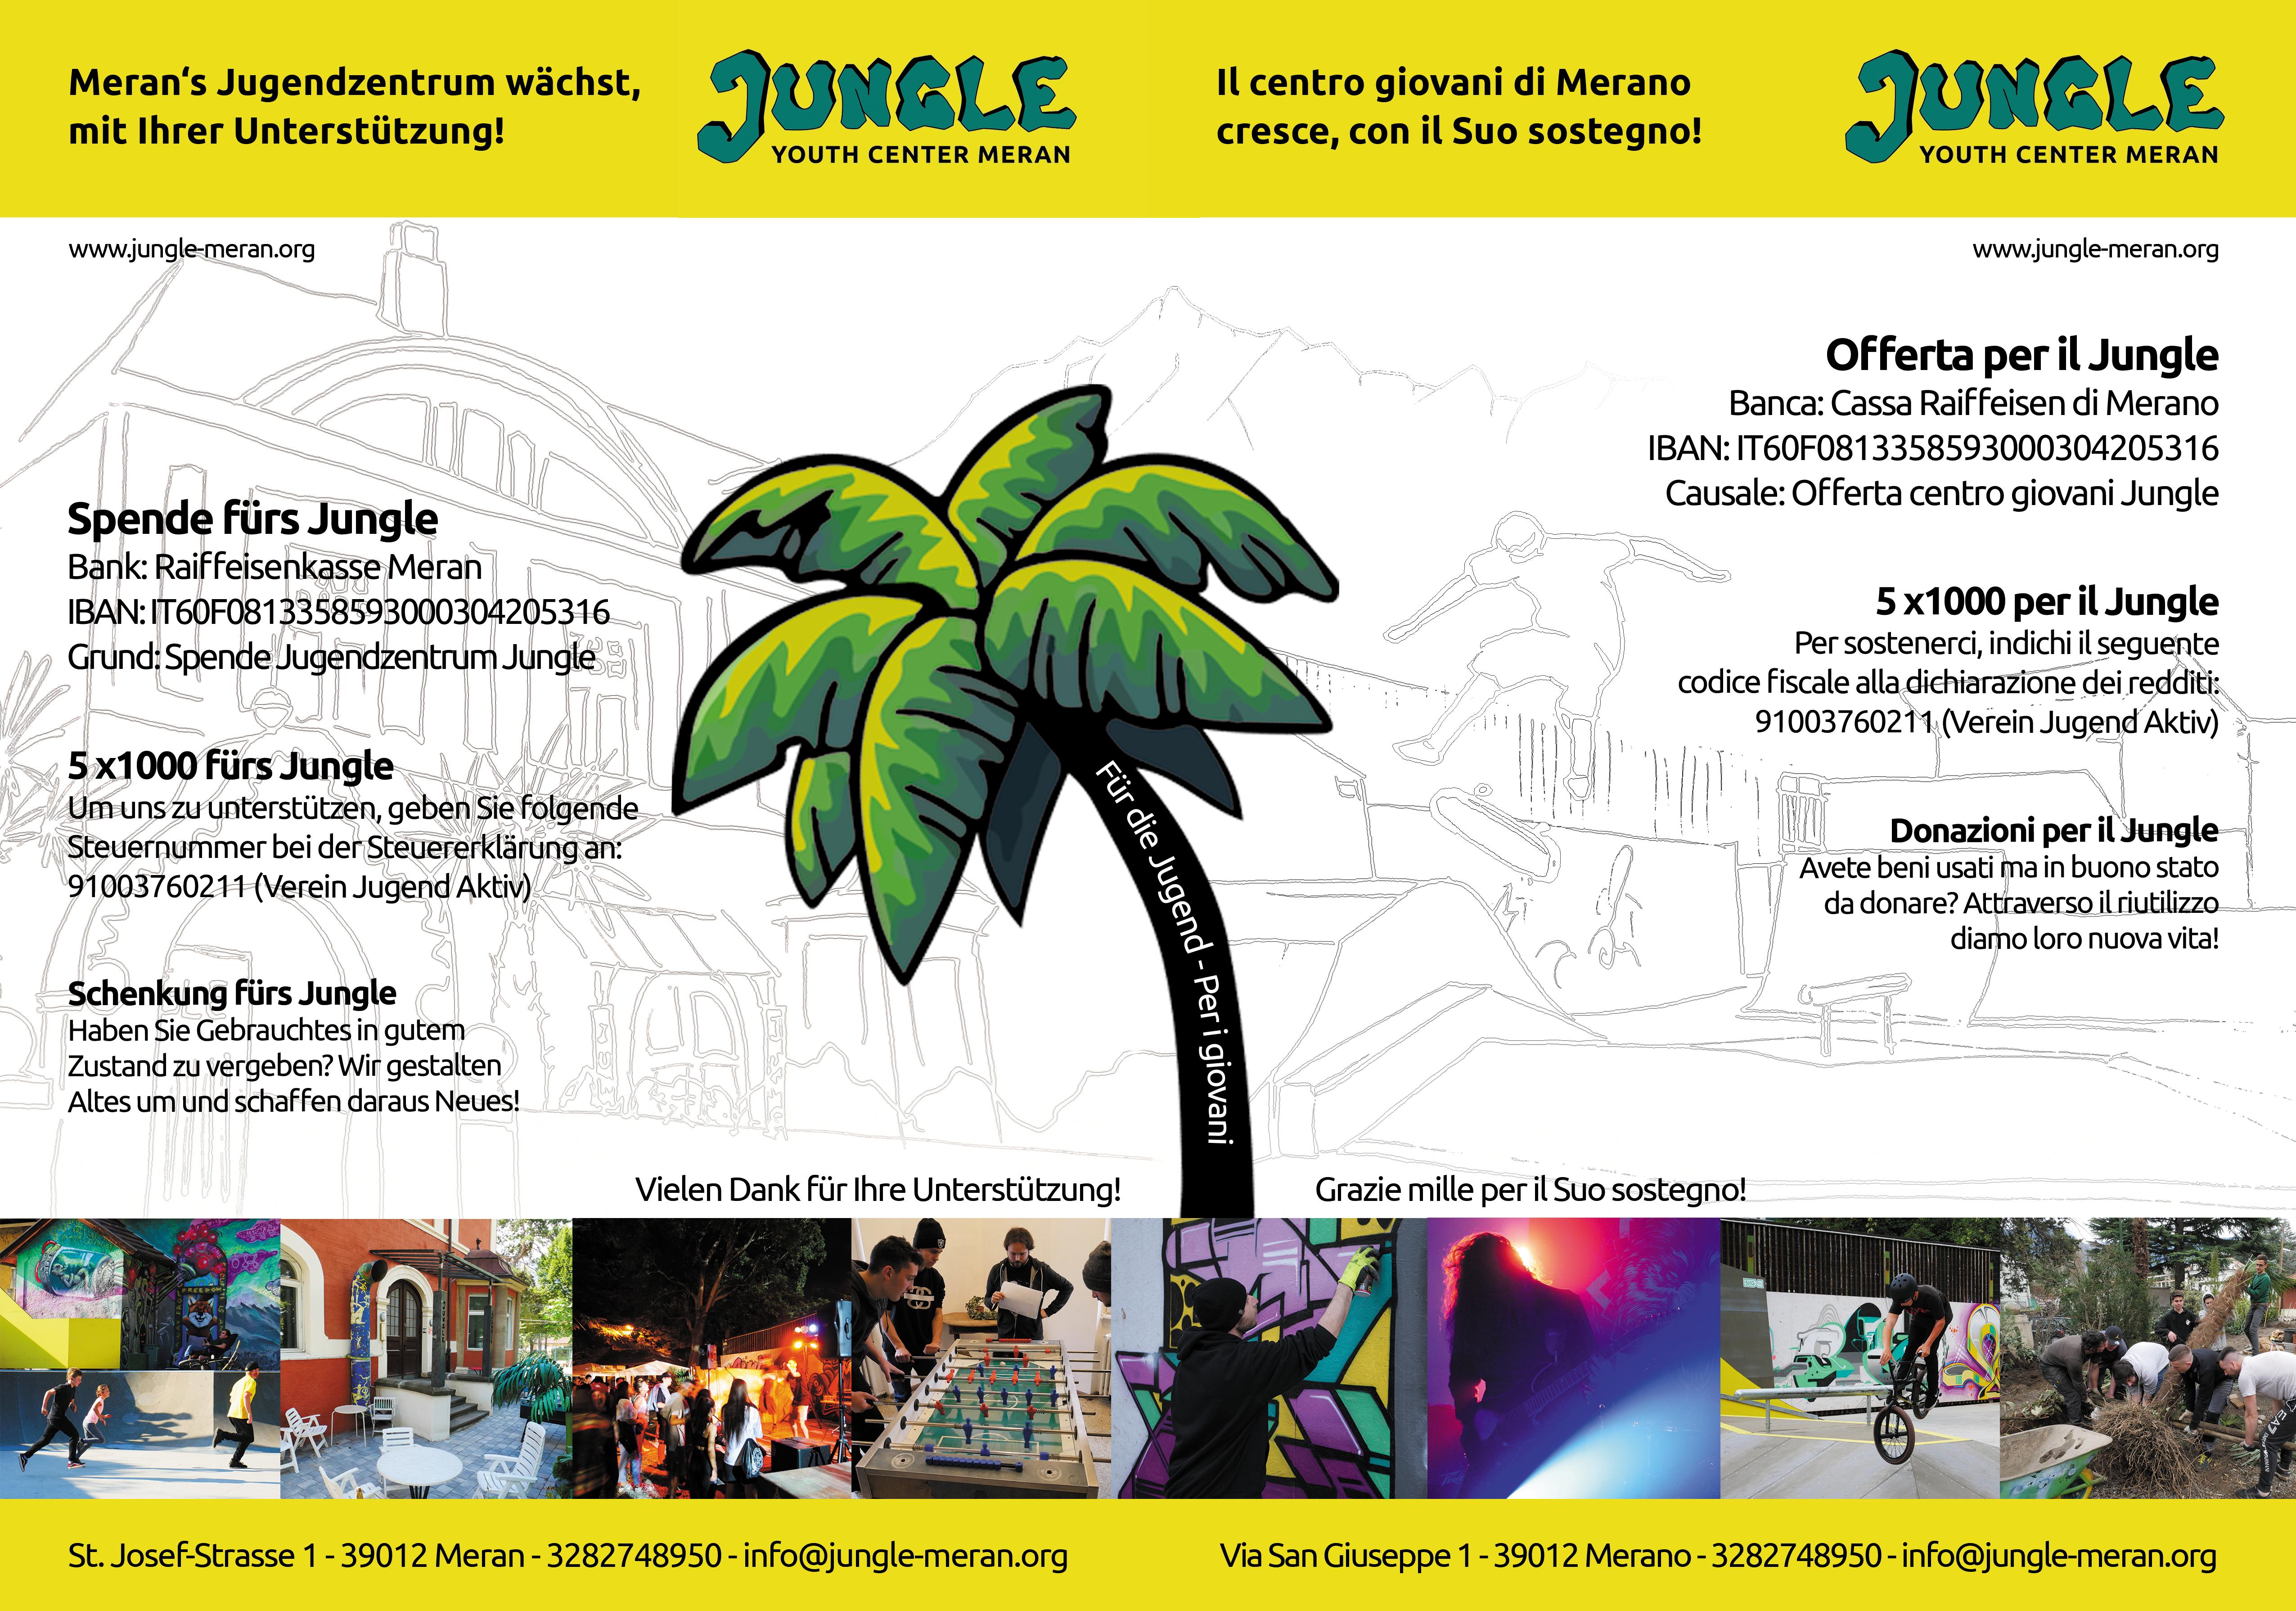 Spenden fürs Jungle - Offerta per il Jungle - Jugendzentrum Jungle Meran - Centro giovani Jungle Merano